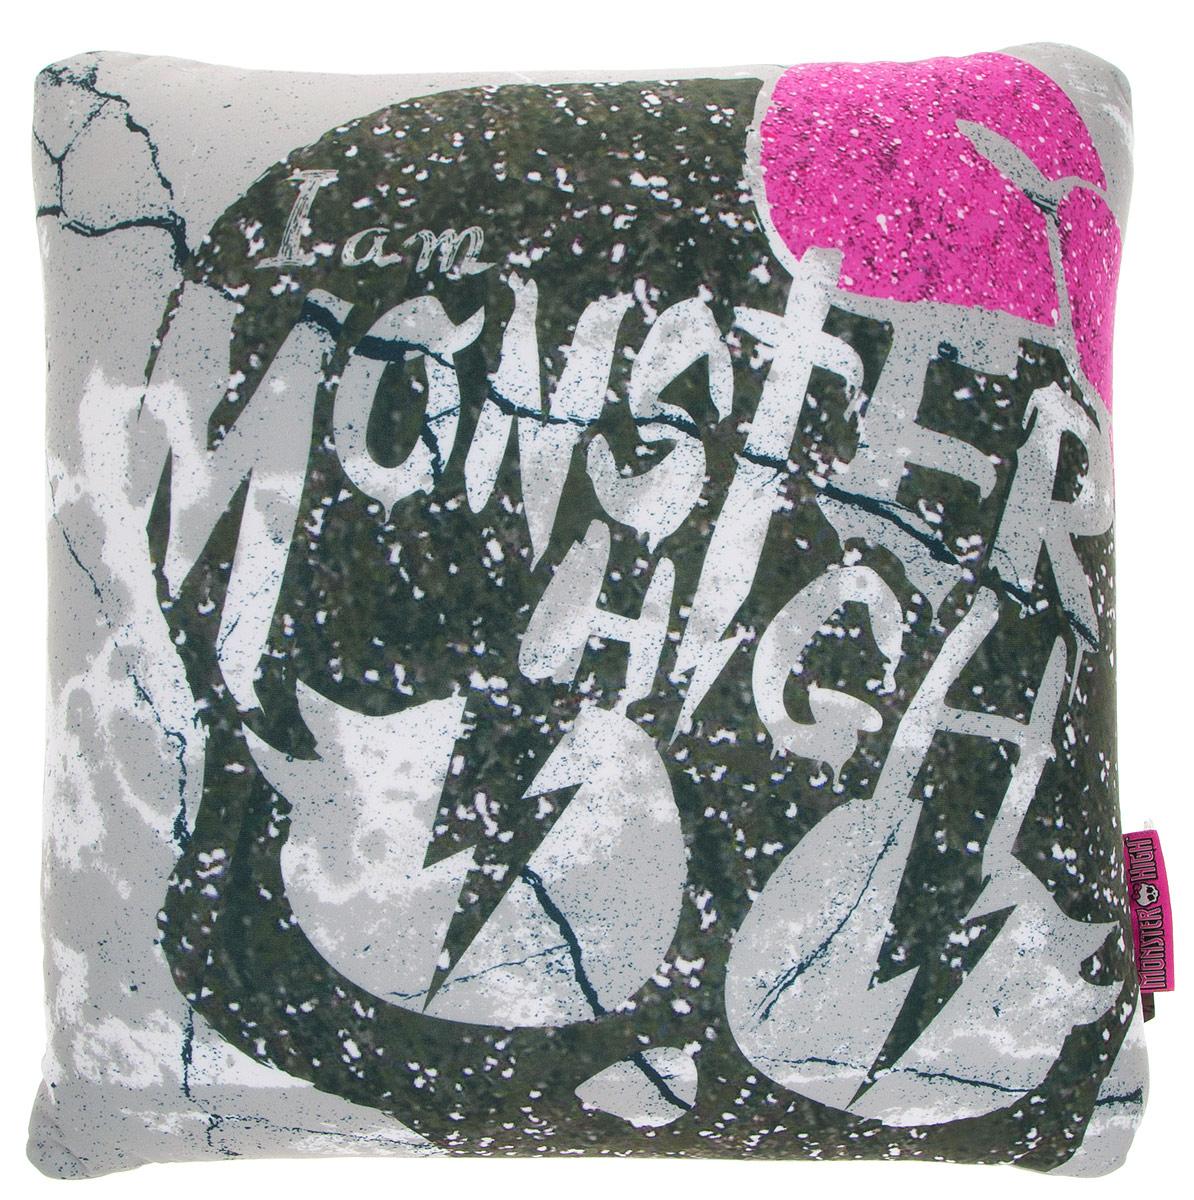 Maxi Toys Подушка Monster High цвет серый оливковый розовыйMT-H091418Яркая и оригинальная подушка Maxi Toys Monster High станет отличным аксессуаром к интерьеру любой детской комнаты! Подушка украшена принтом в стиле популярного мультсериала Monster High. Мягкую подушку можно взять с собой в путешествие - в самолете и автомобиле положить ее под голову во время отдыха, а наполнение в виде маленьких полимерных шариков будет отлично снимать стресс. Размер подушки: 32 см х 32 см х 14 см.